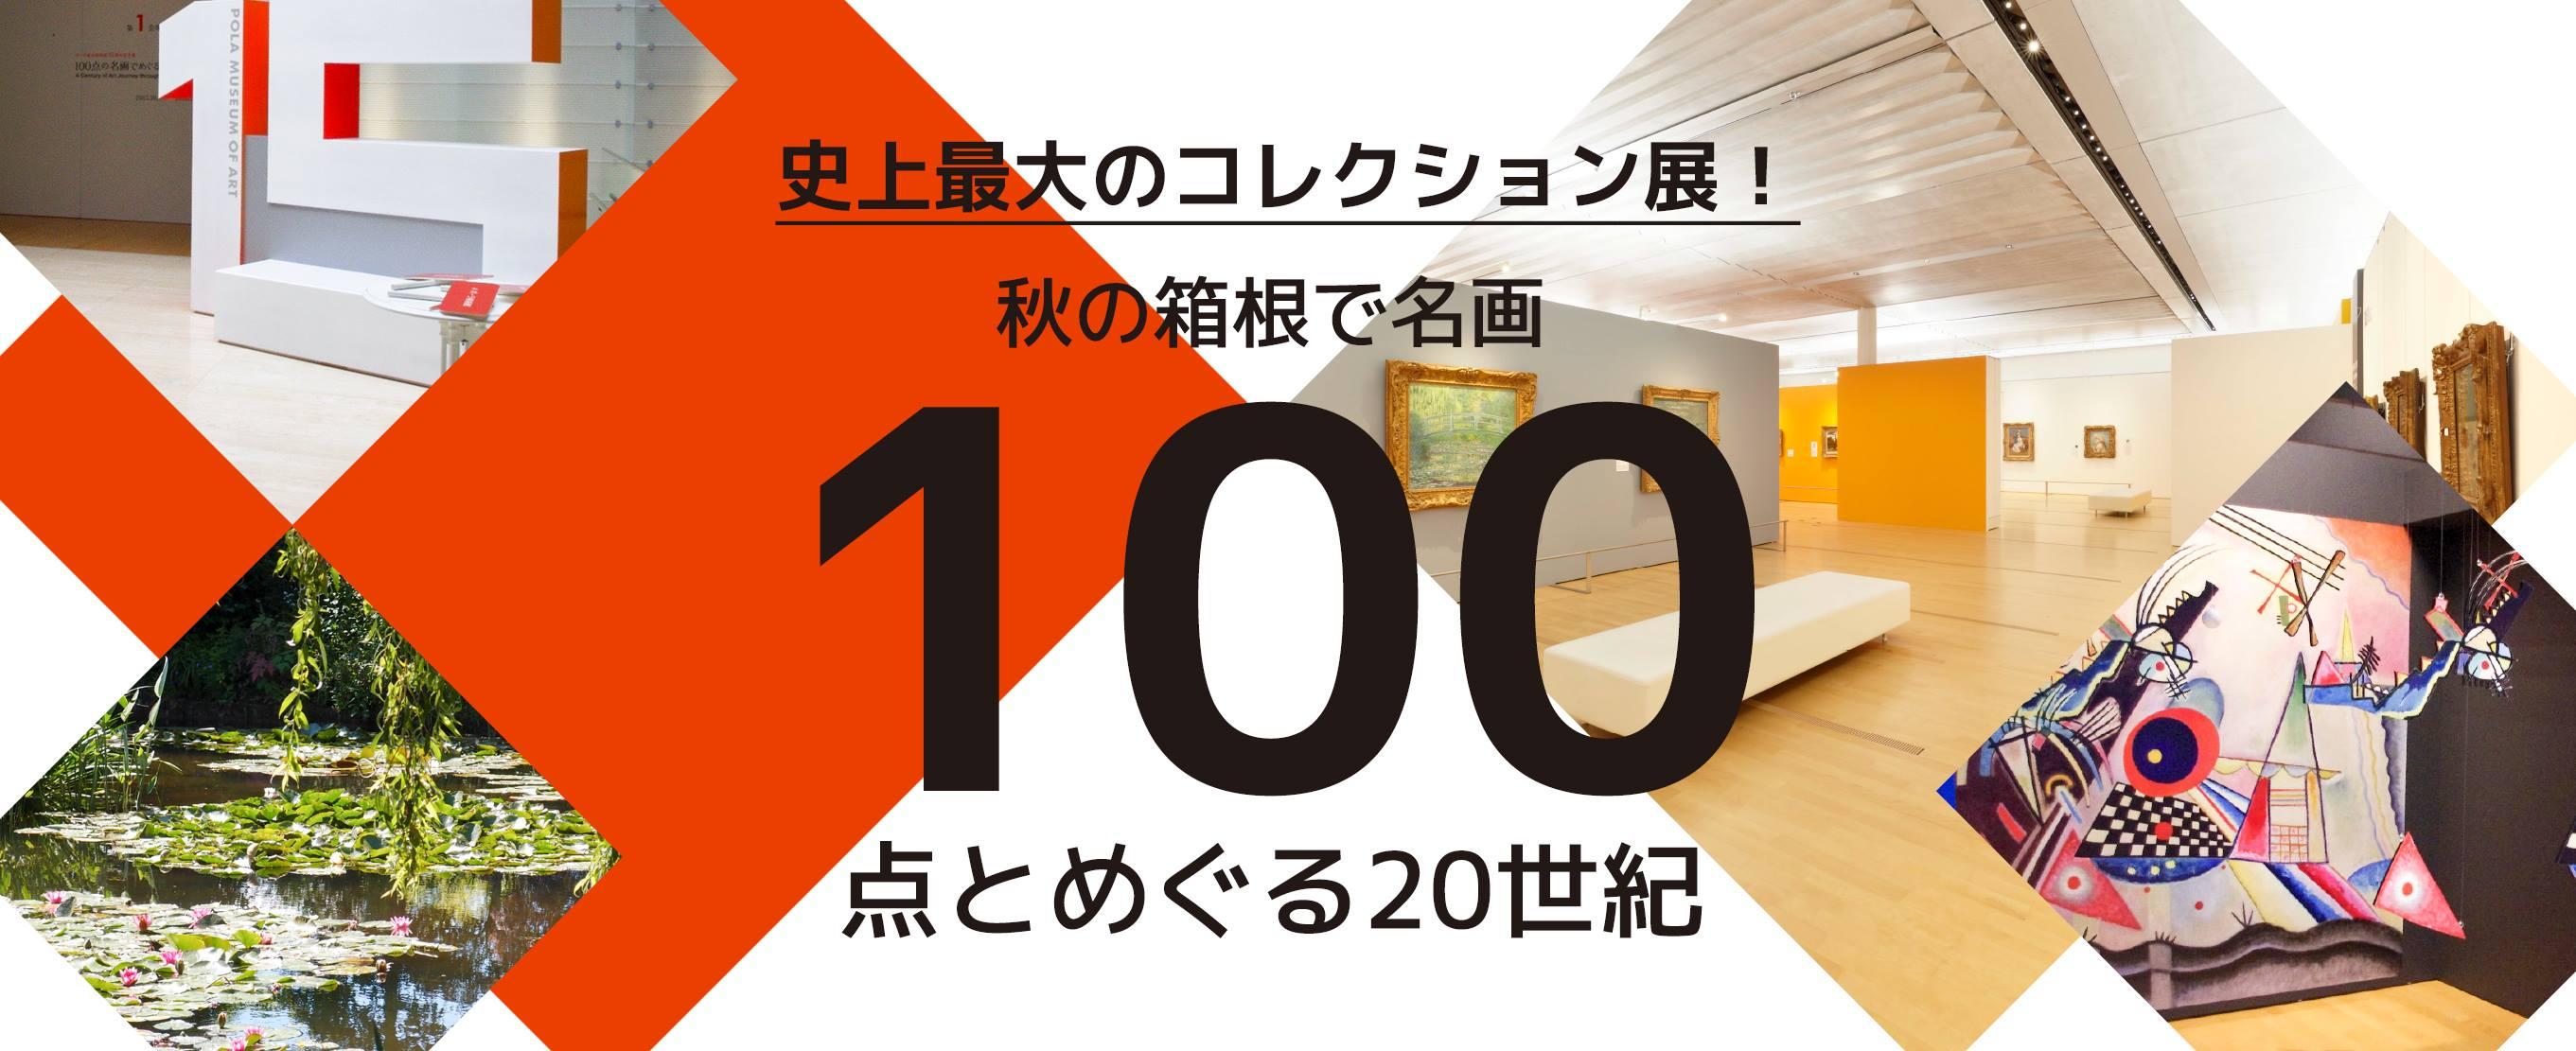 史上最大のコレクション展!秋の箱根で名画100点とめぐる20世紀